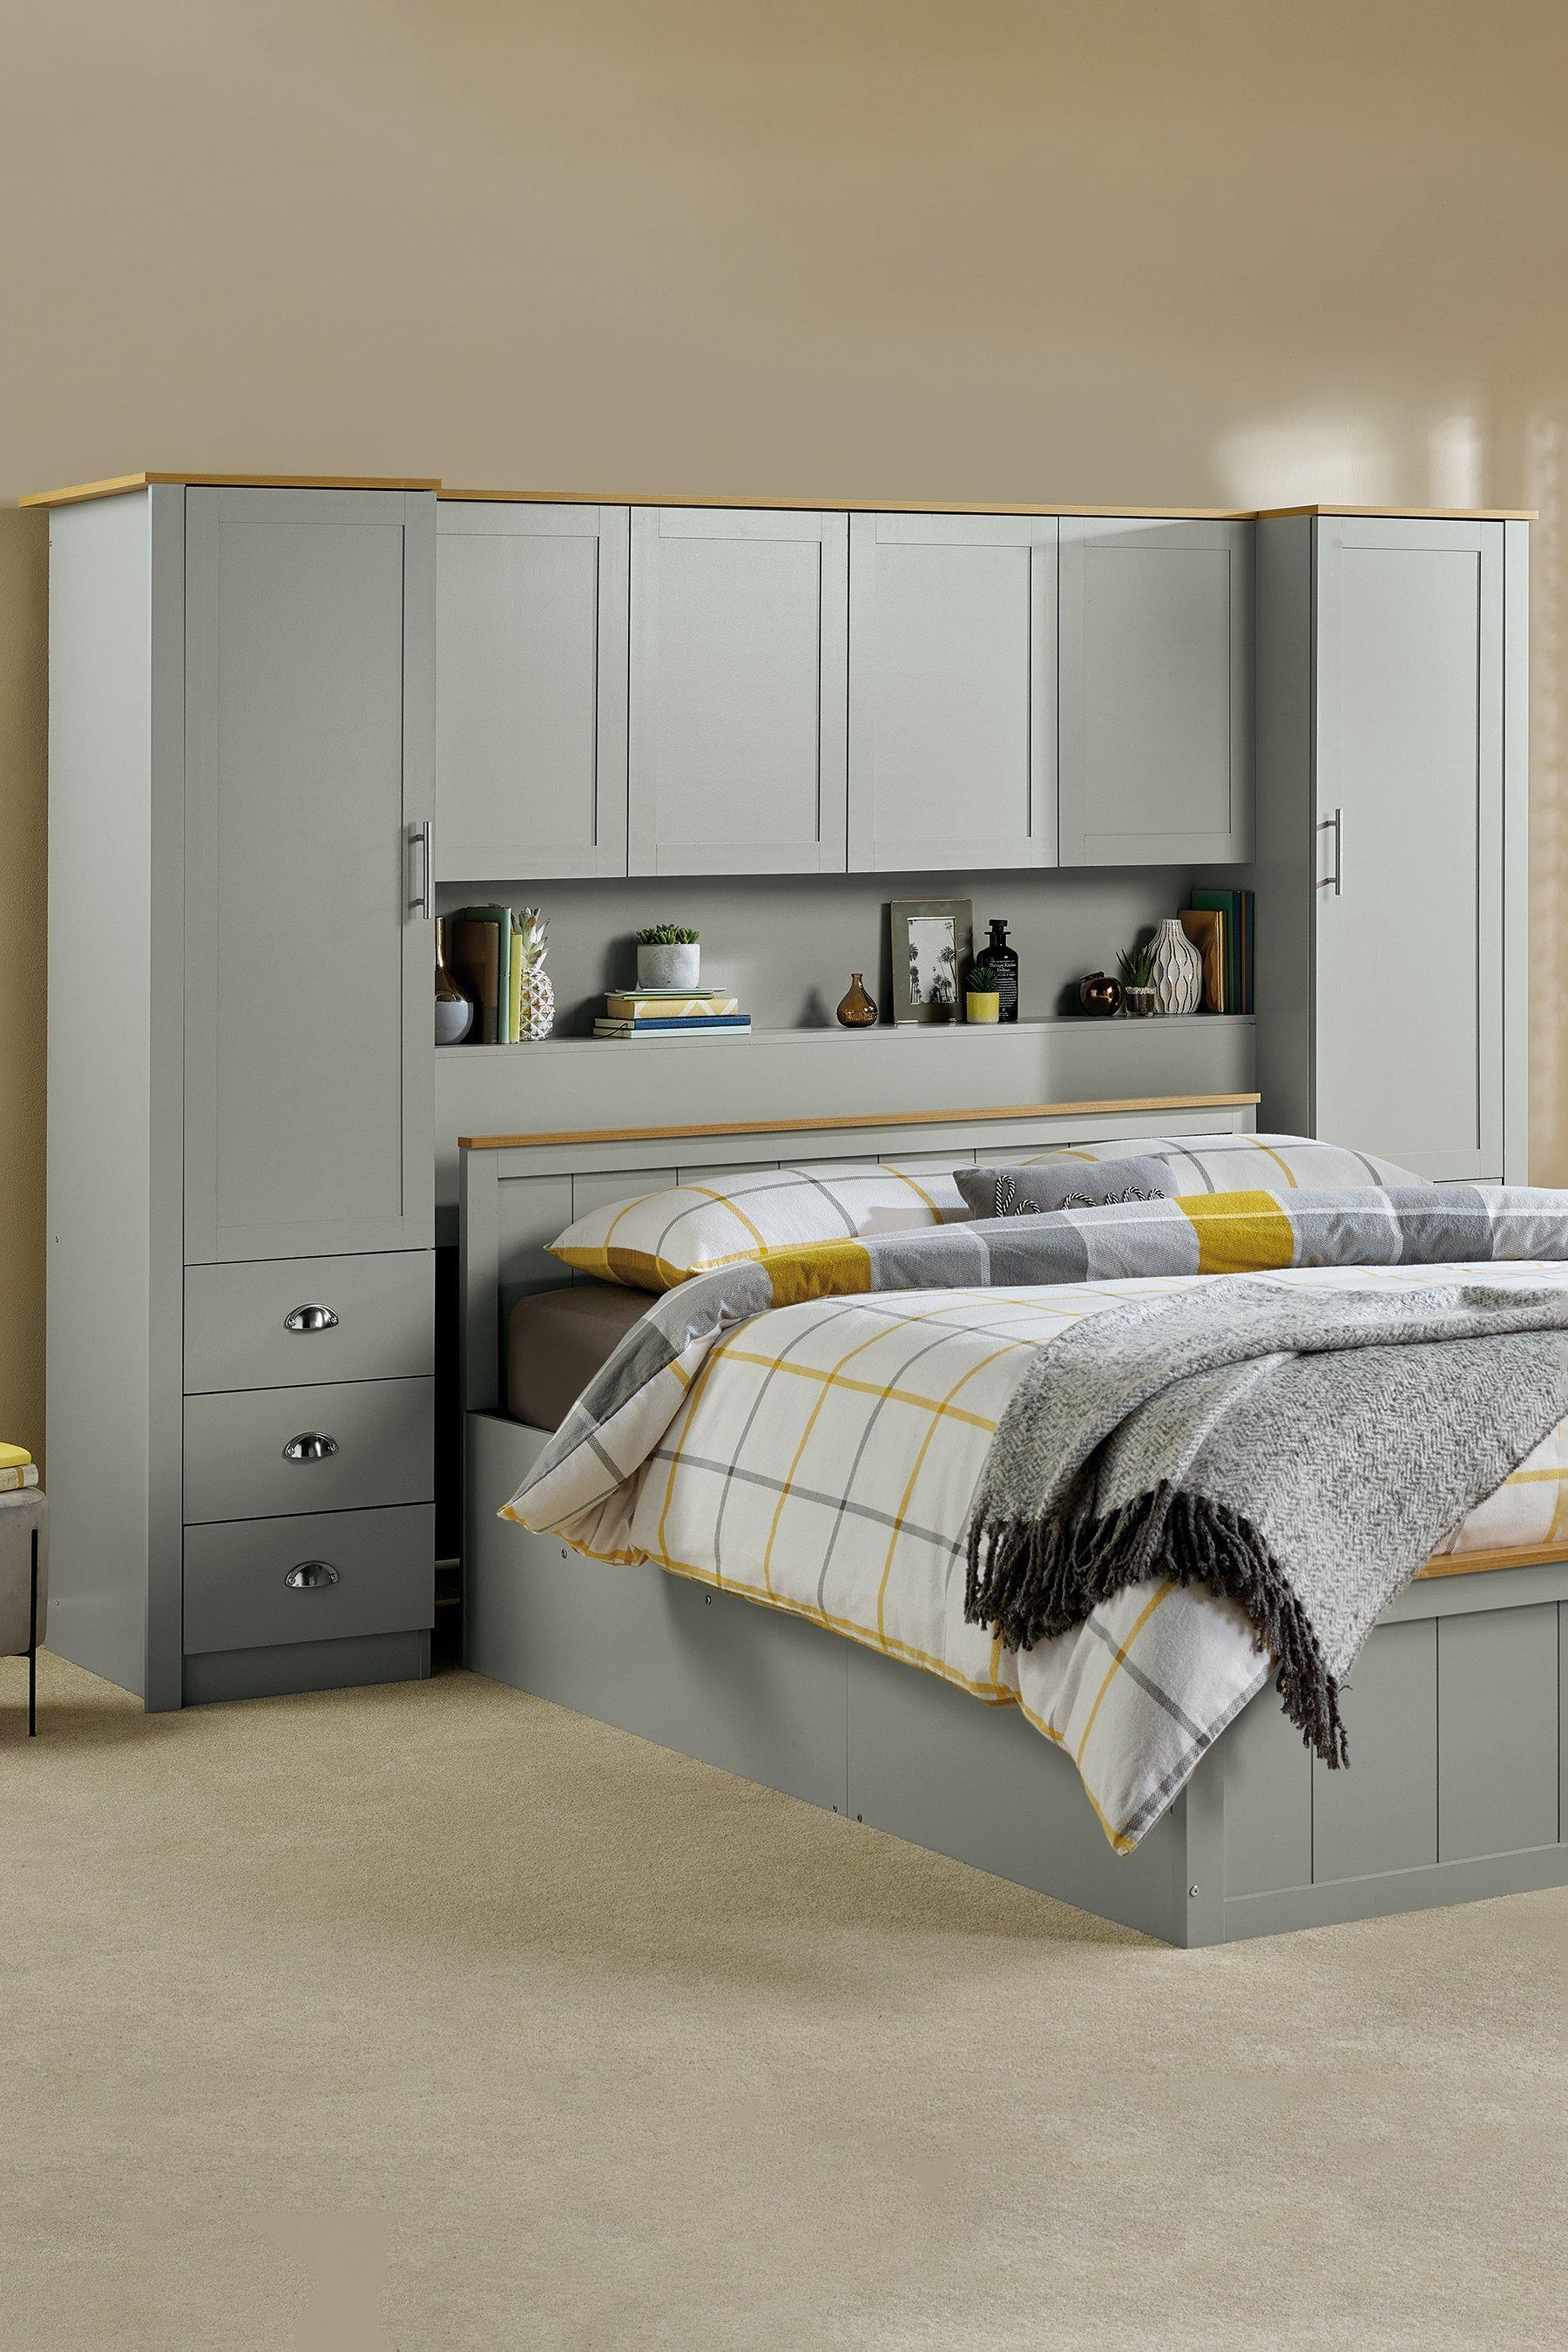 lancaster overbed storage unit